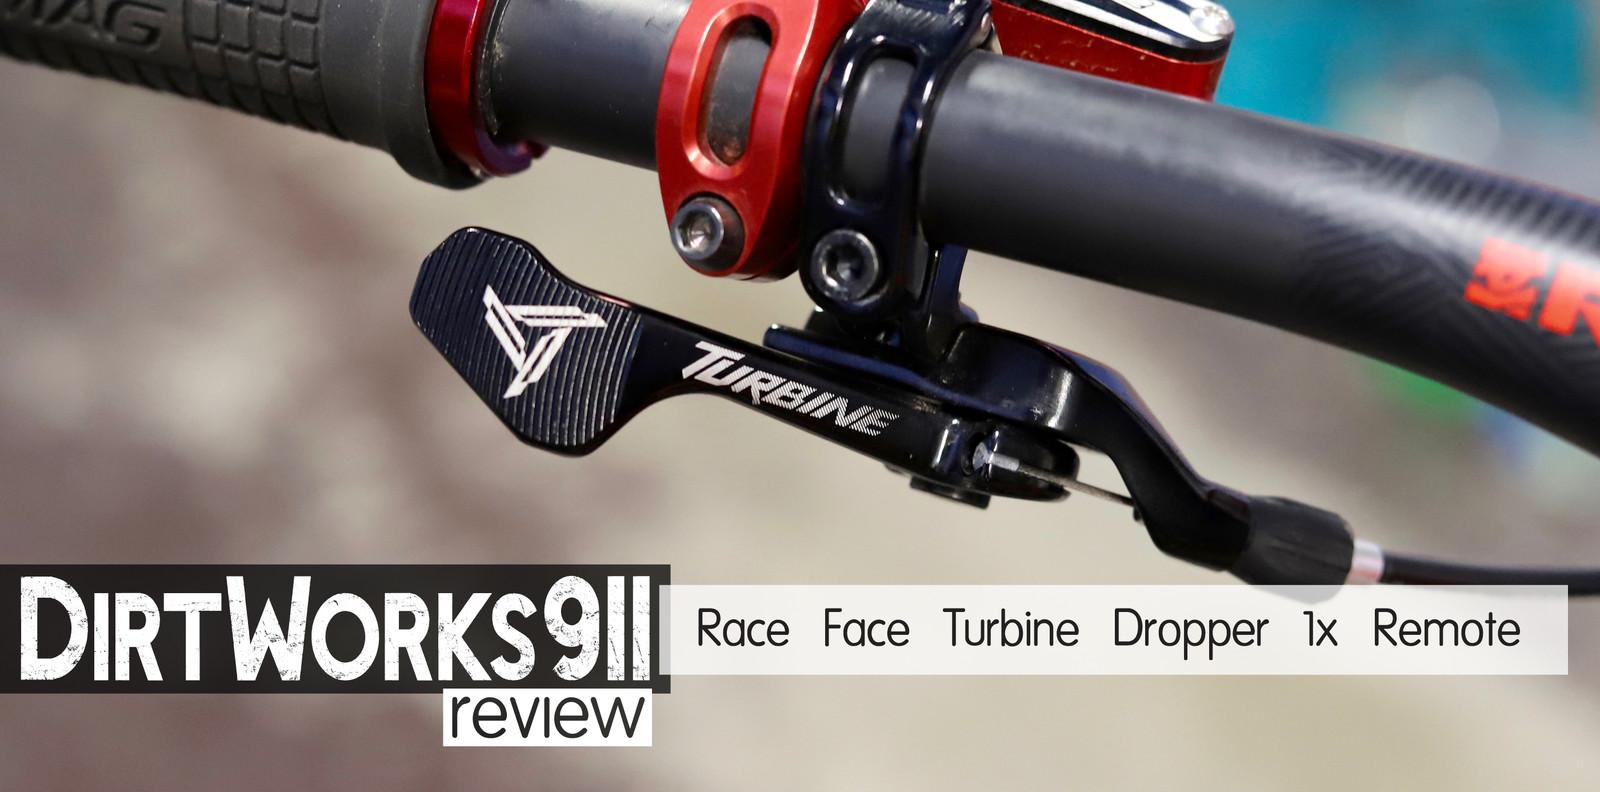 Race Face Turbine Dropper 1x Remote